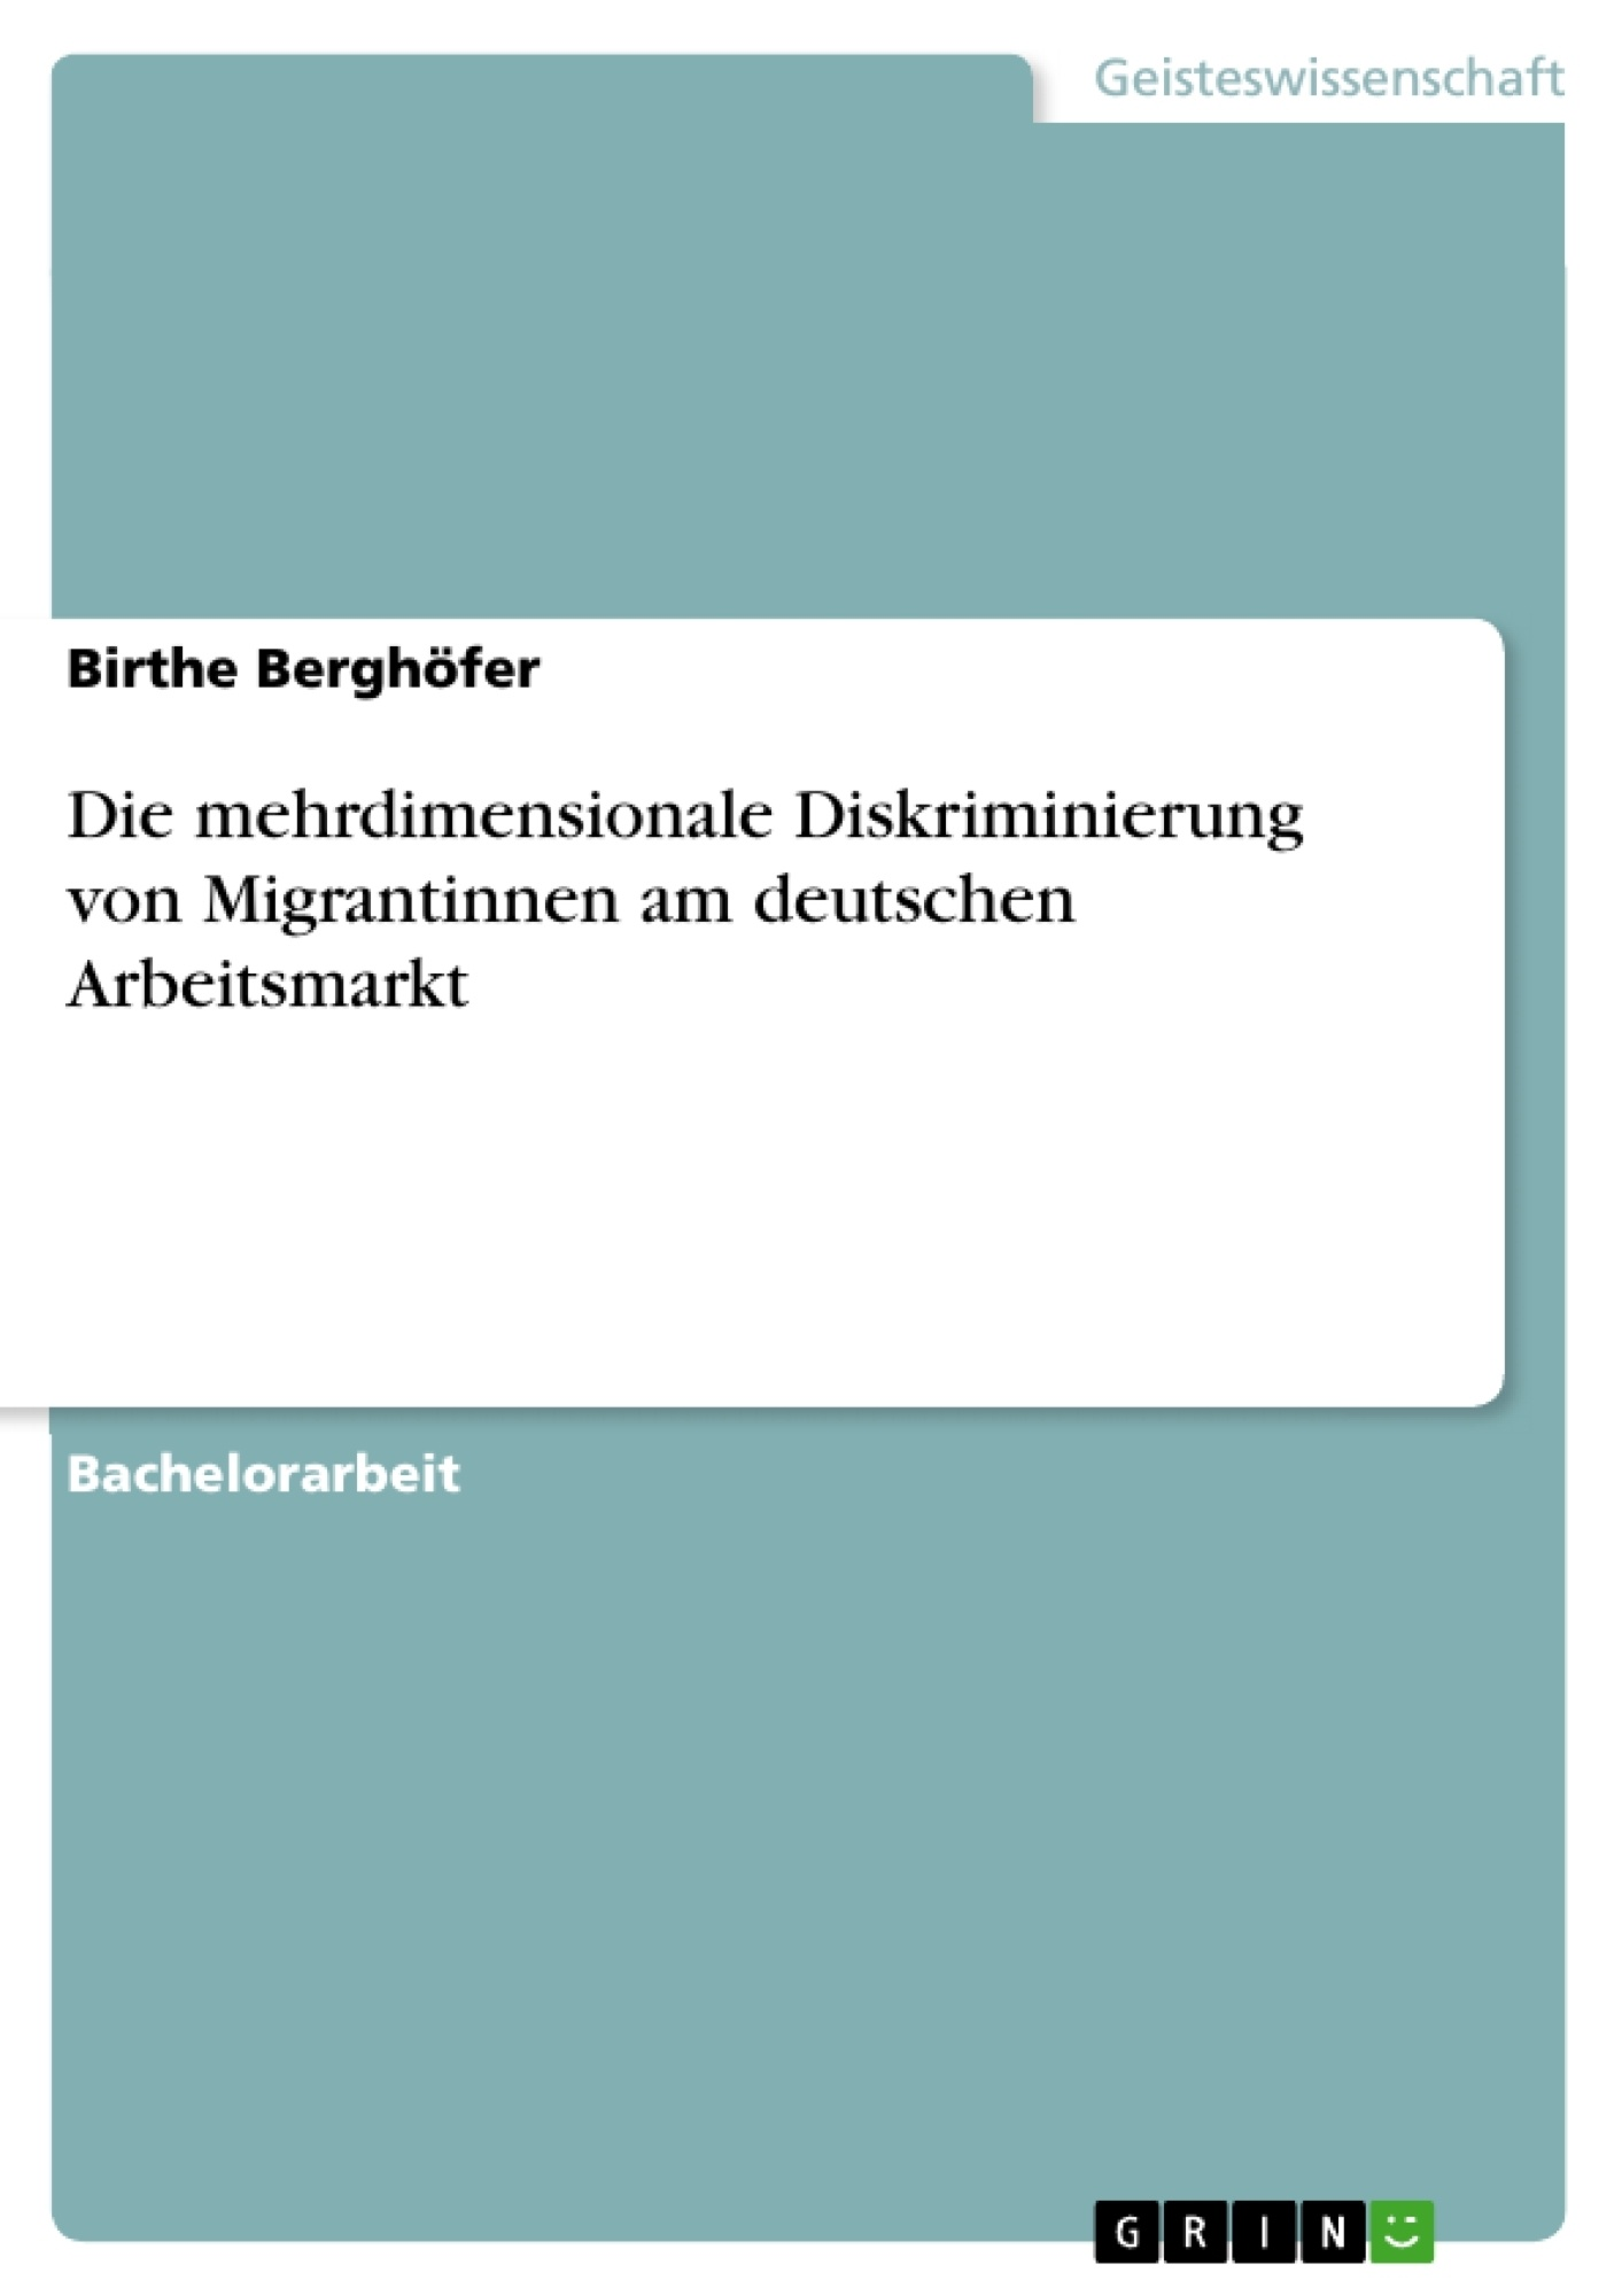 Titel: Die mehrdimensionale Diskriminierung von Migrantinnen am deutschen Arbeitsmarkt